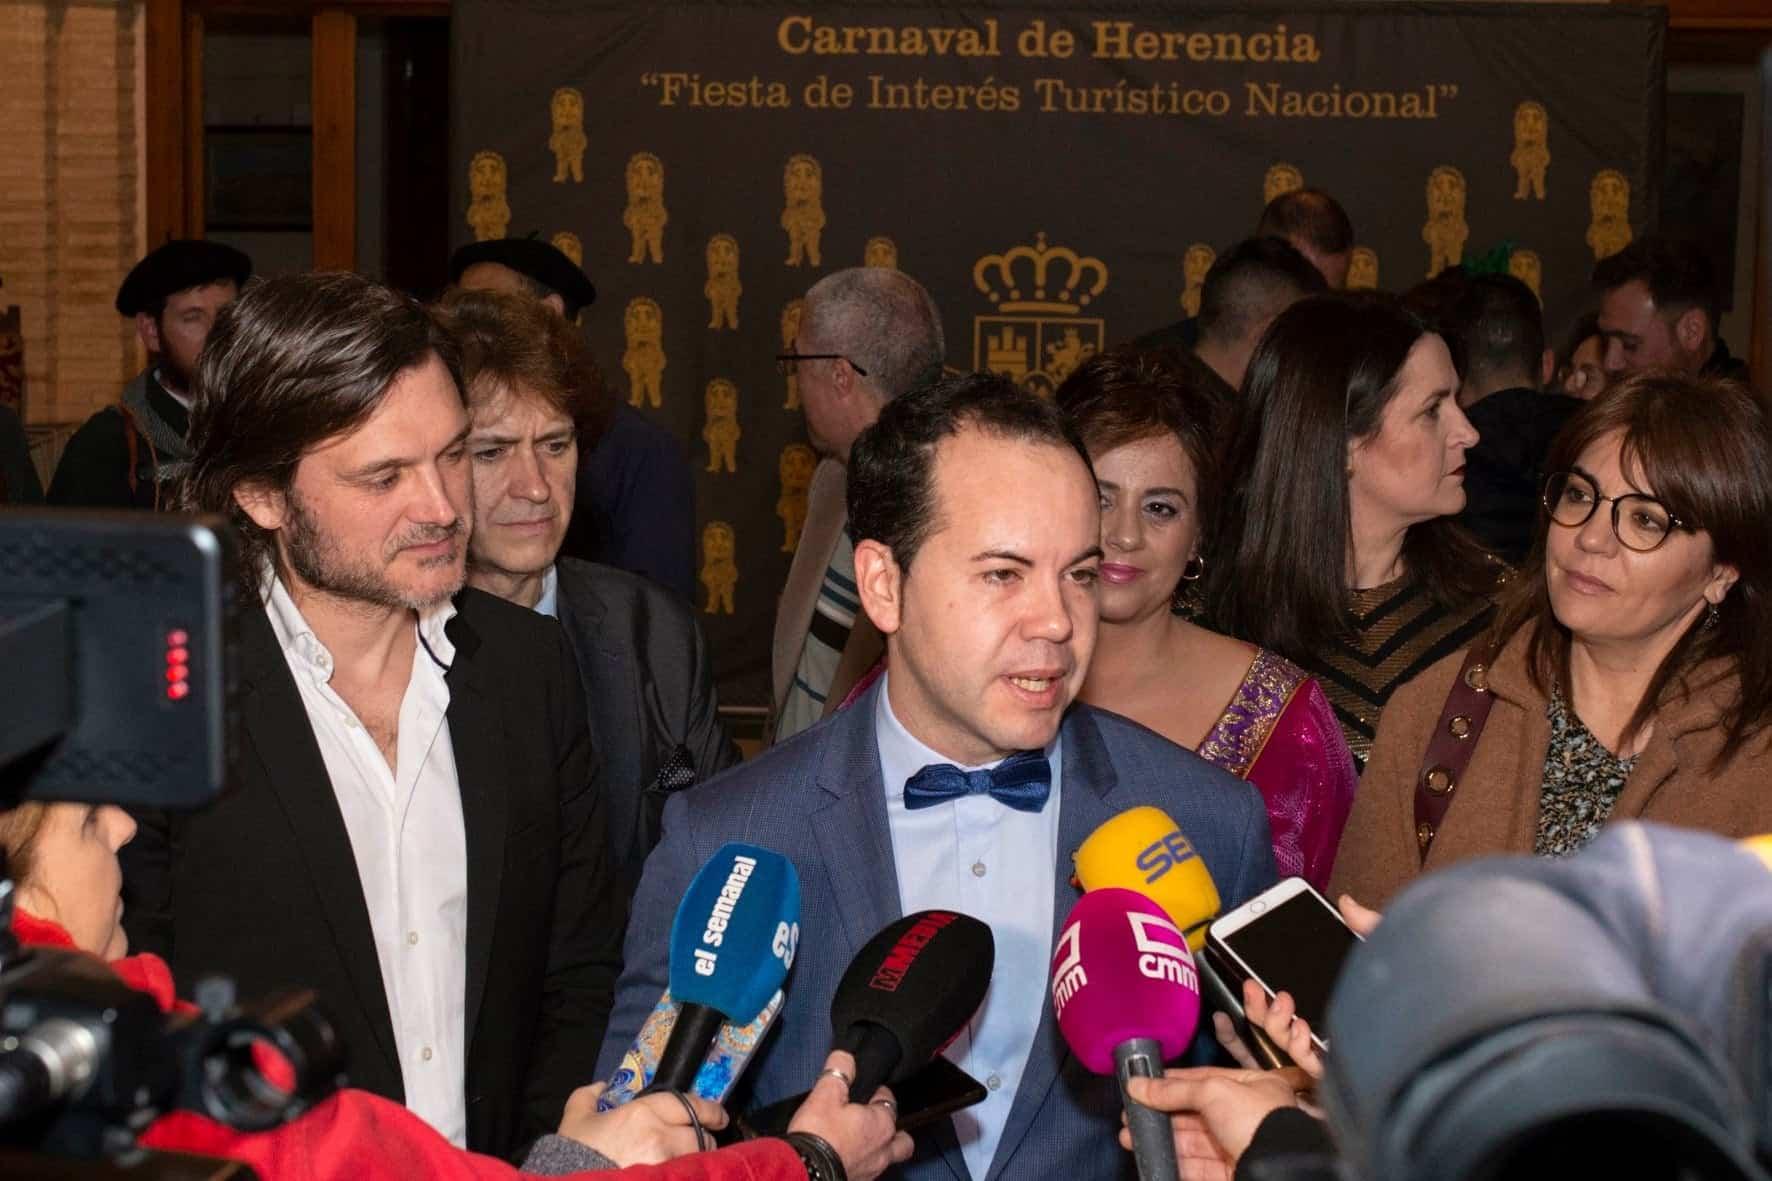 inauguracion carnaval 2020 herencia 32 - Inauguración del Carnaval de Herencia 2020